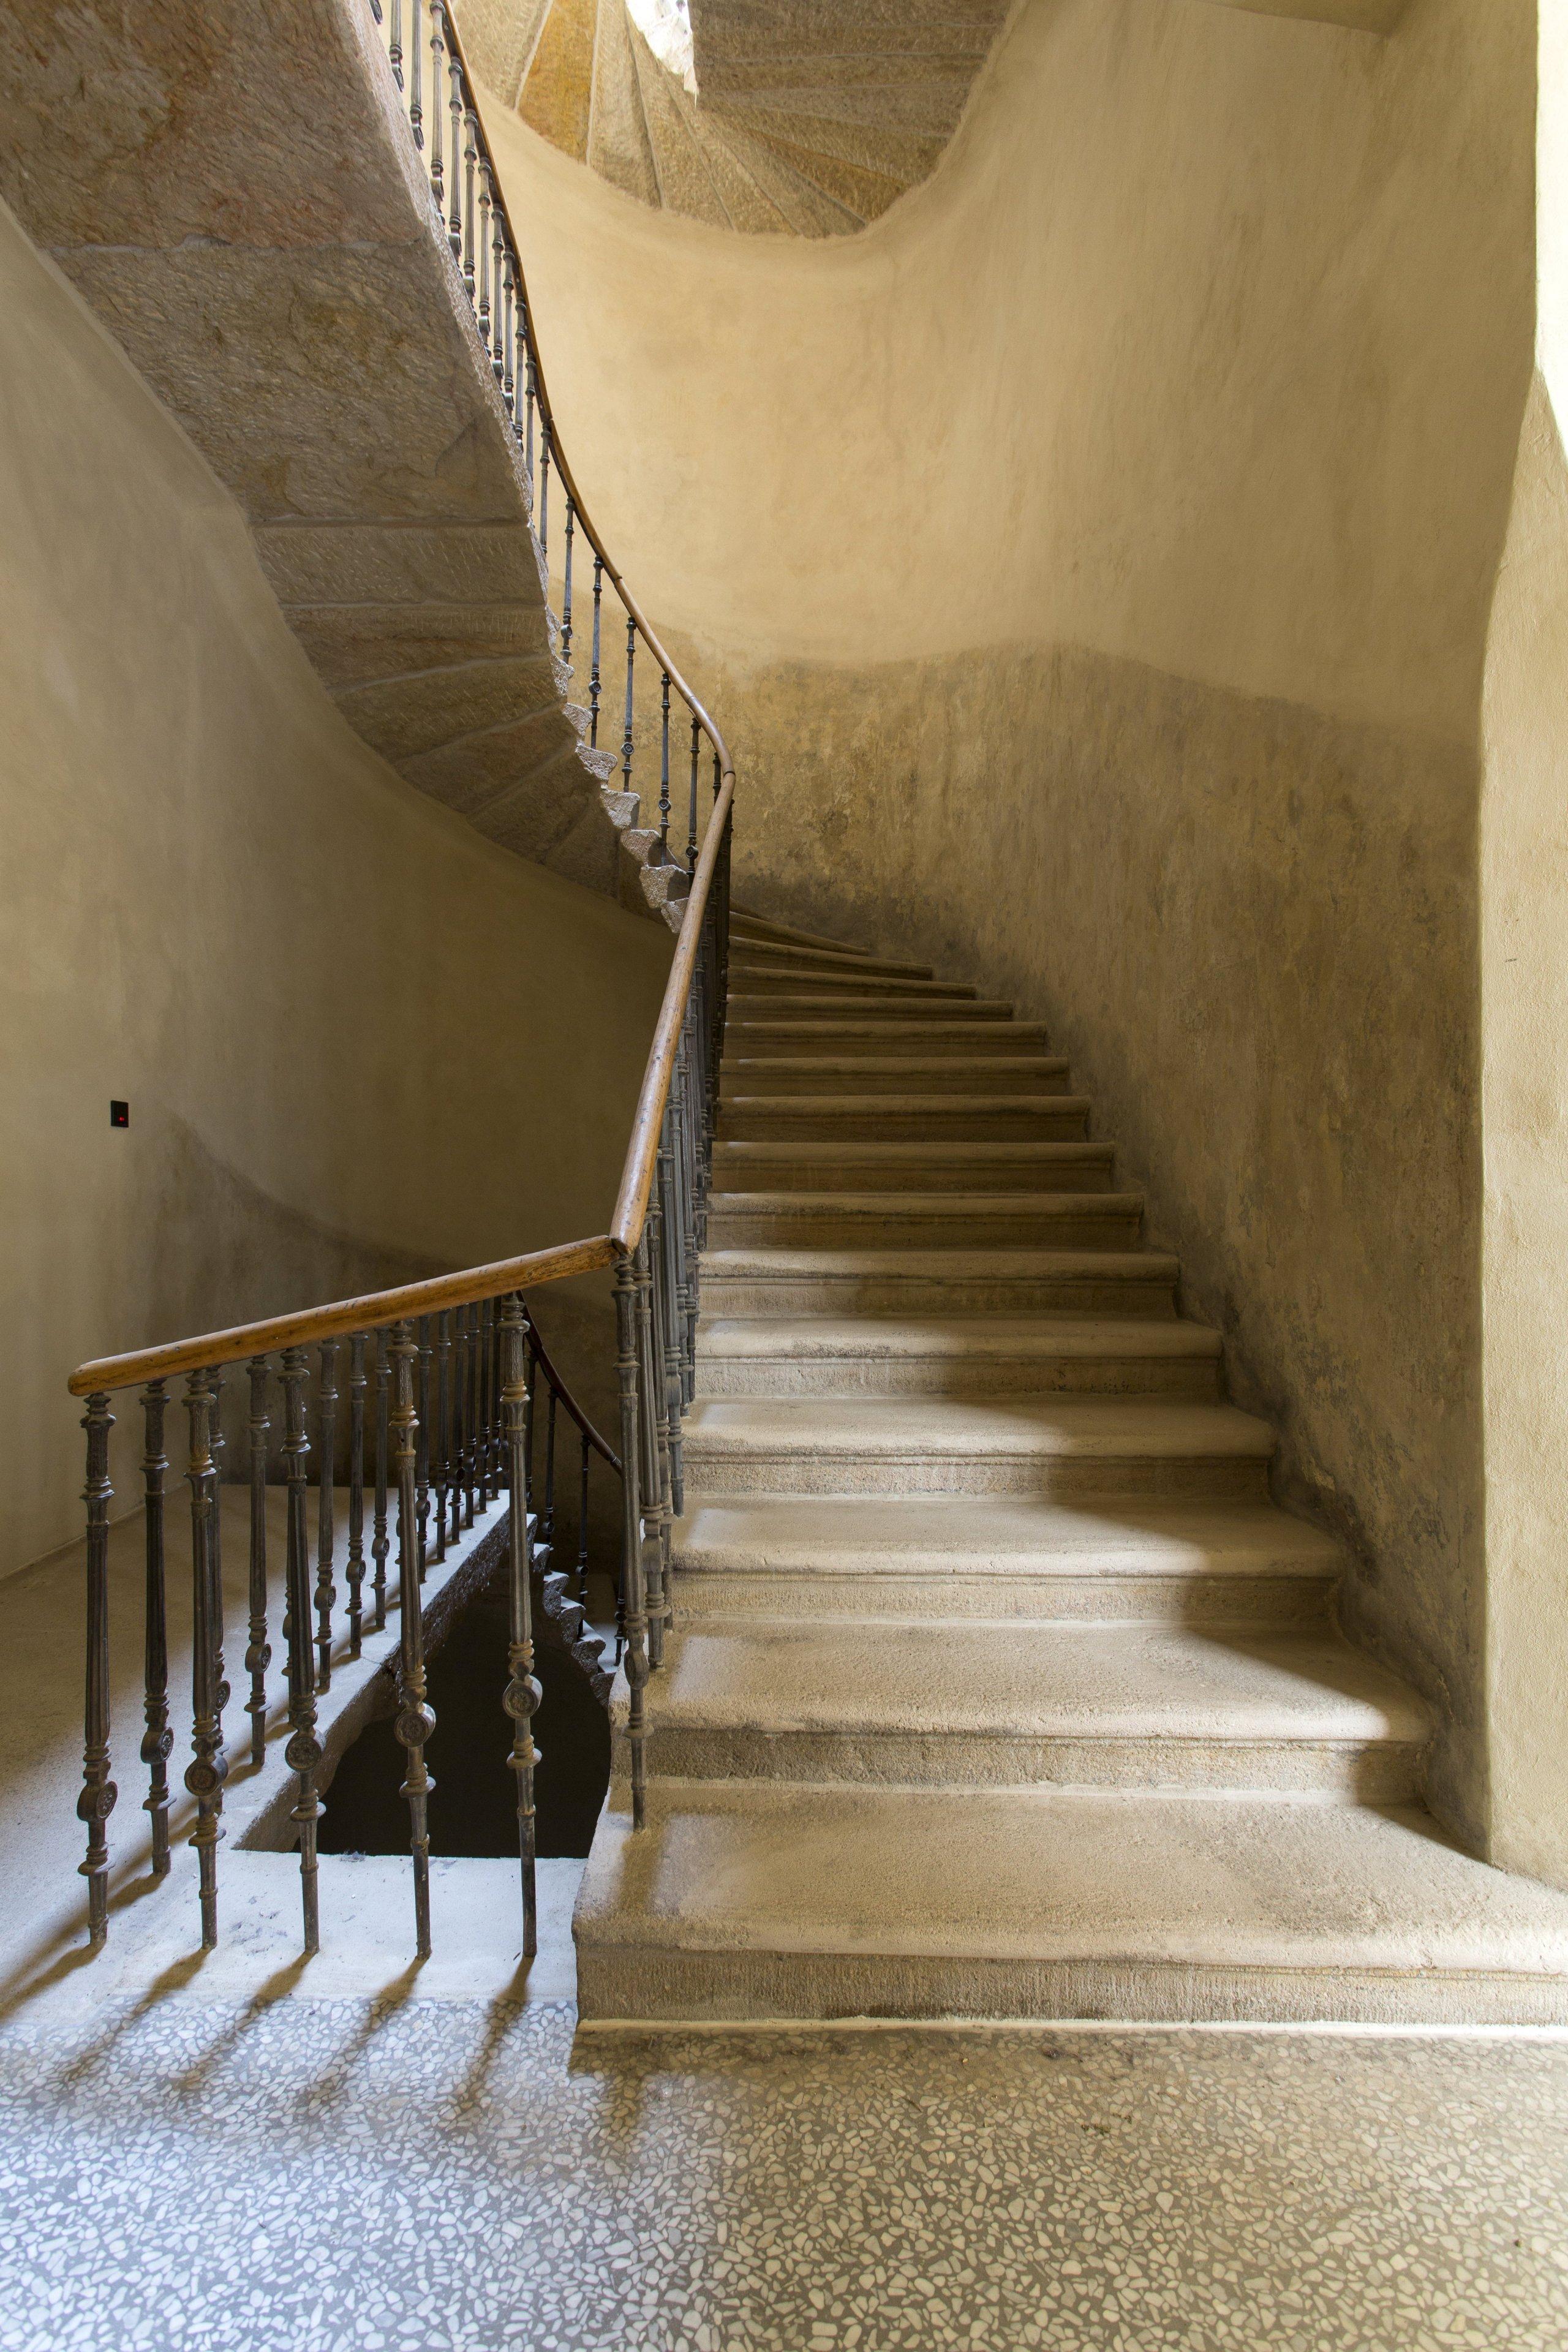 Byt se nachází v samém srdci historické Prahy, v měšťanském domě U modré boty v Haštalské čtvrti.Naším záměrem bylo vytvořit elegantní interiér, který podtrhne…